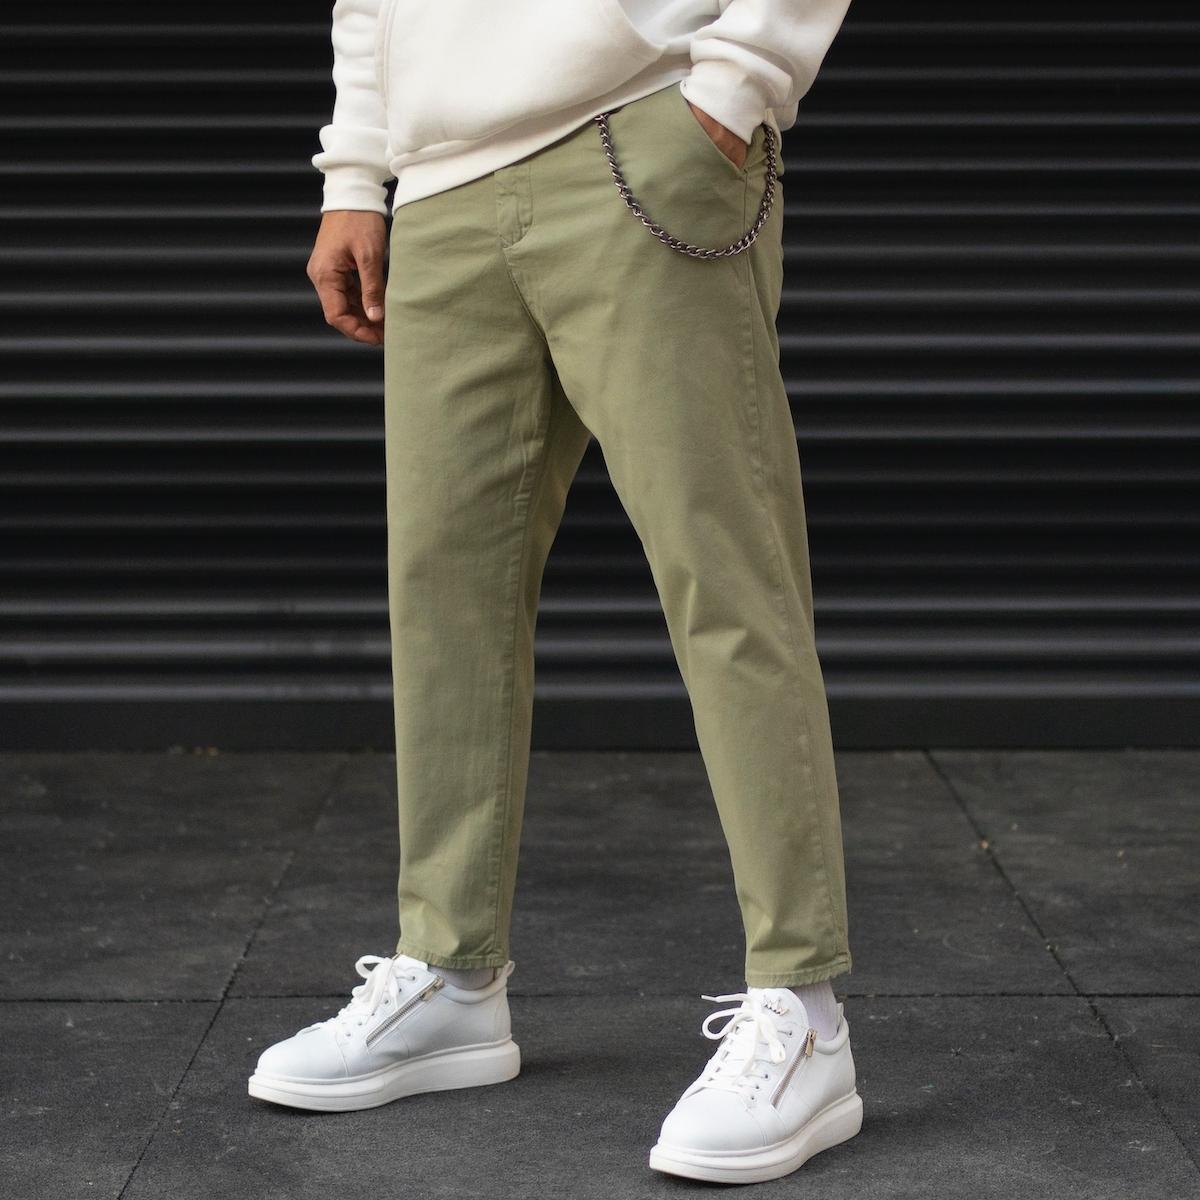 Erkek Oversize Boyfriend Zincir Detaylı Basic Zeytin Yeşili Kot Pantolon